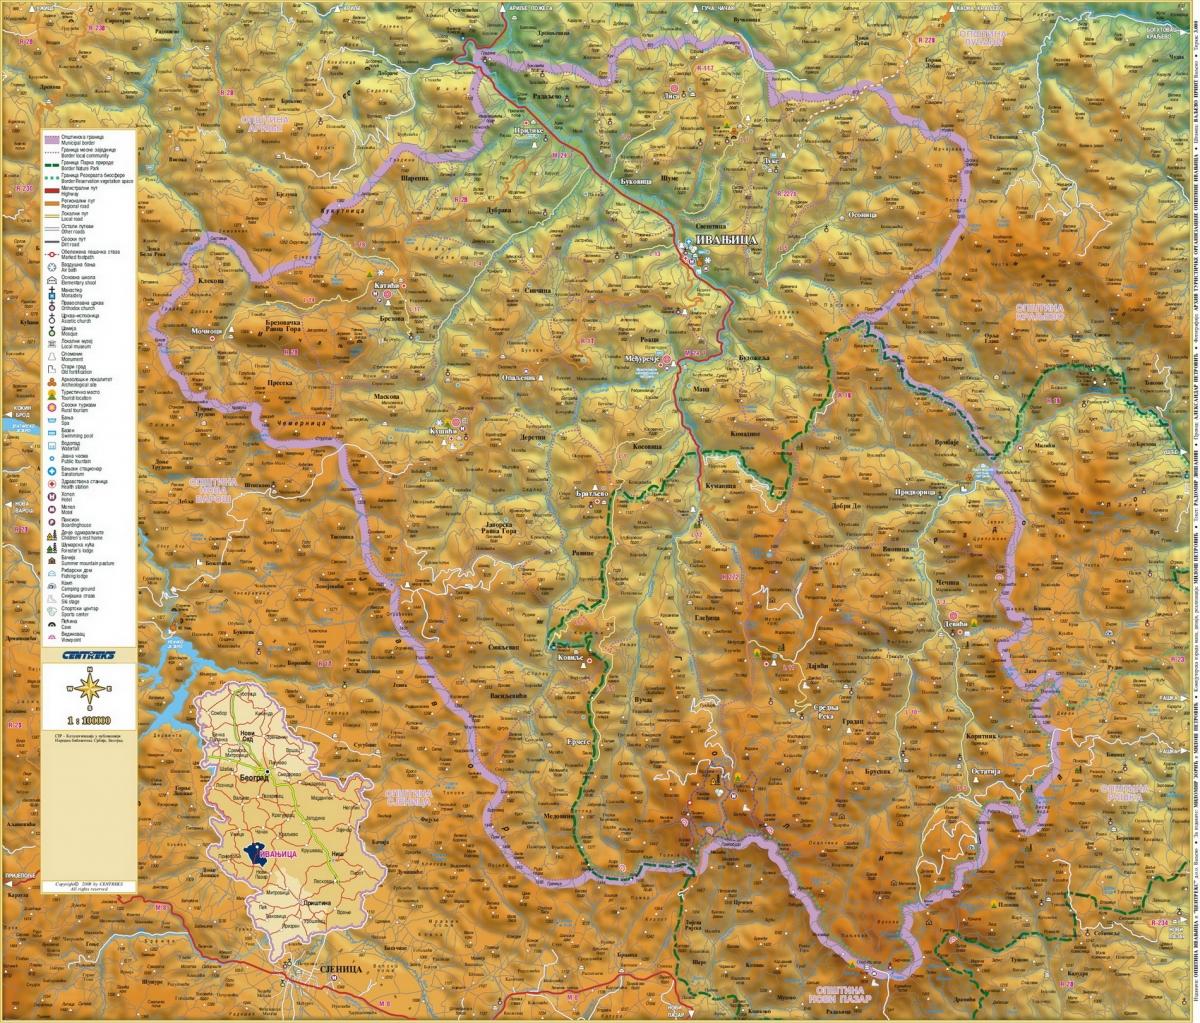 geografska karta zapadne srbije Golija   Ivanjica, Dajica brdo » Skijanje.rs geografska karta zapadne srbije